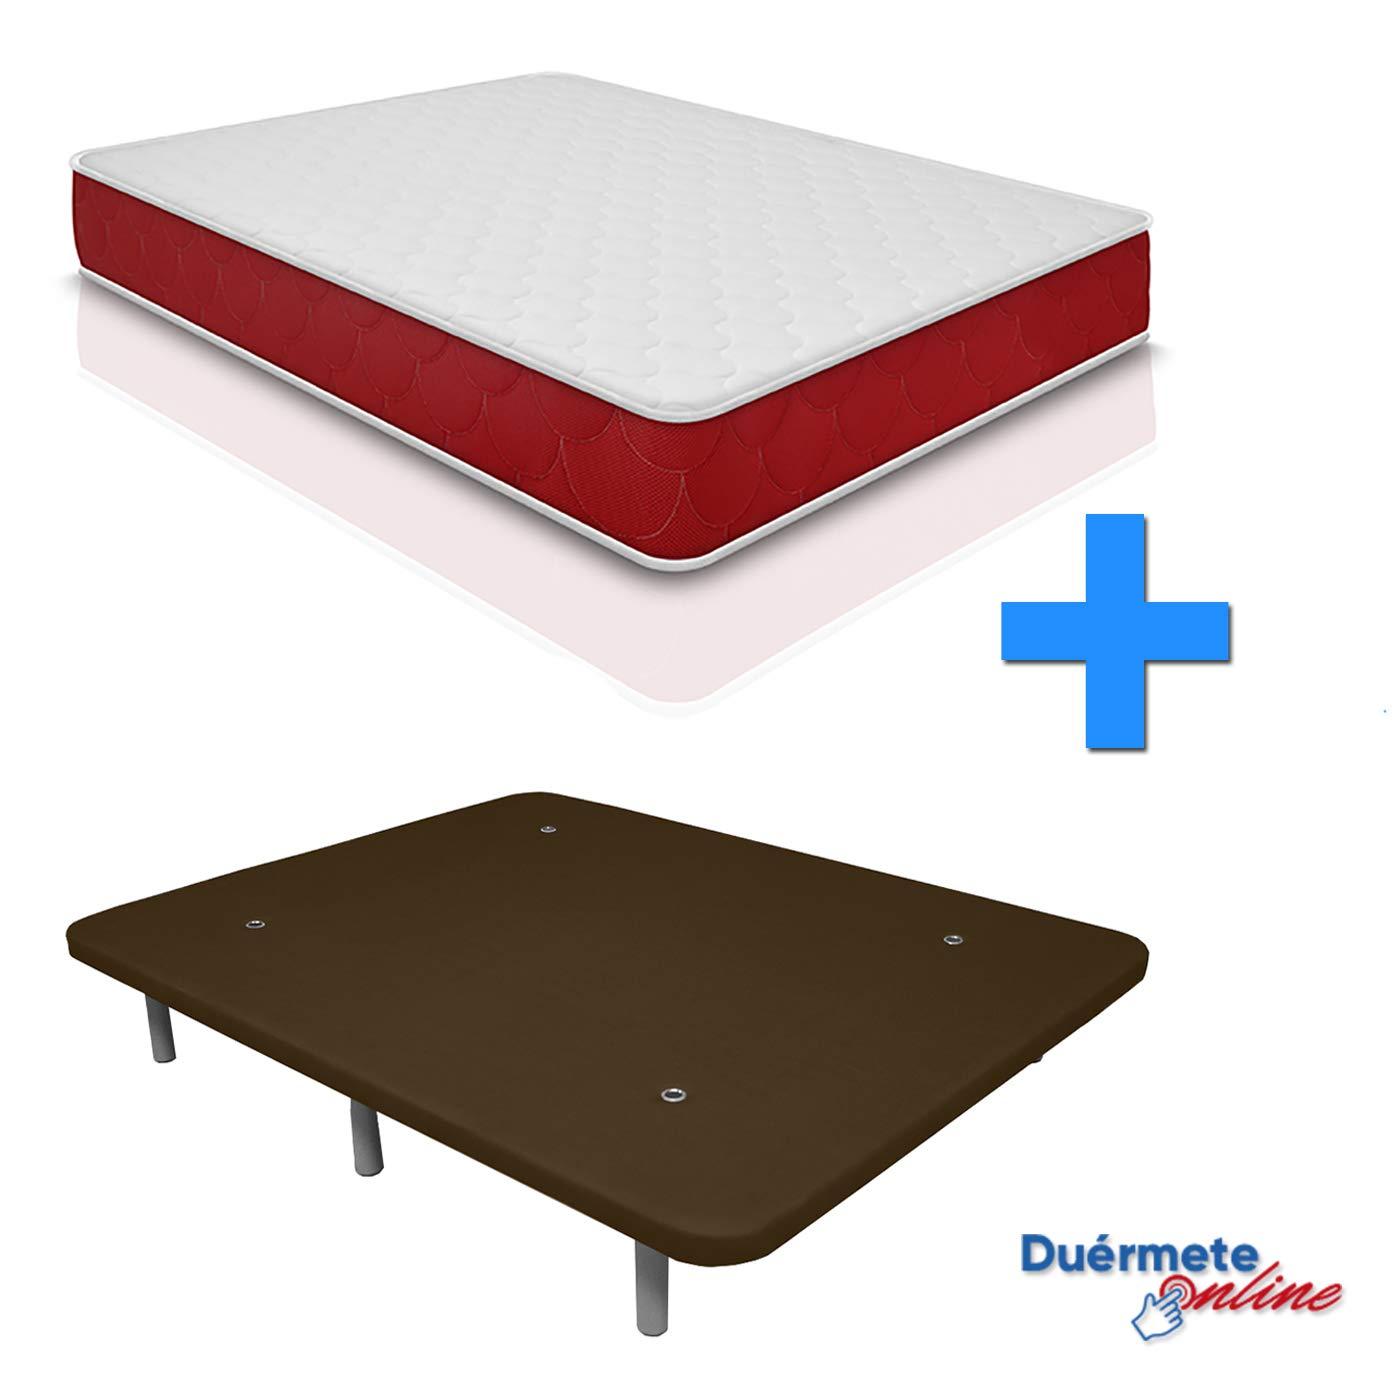 Base Tapizada 3D Reforzada 5 Barras de Refuerzo con 6 Patas 90x200 Duermete Colch/ón Viscoel/ástico Lite Reversible Chocolate